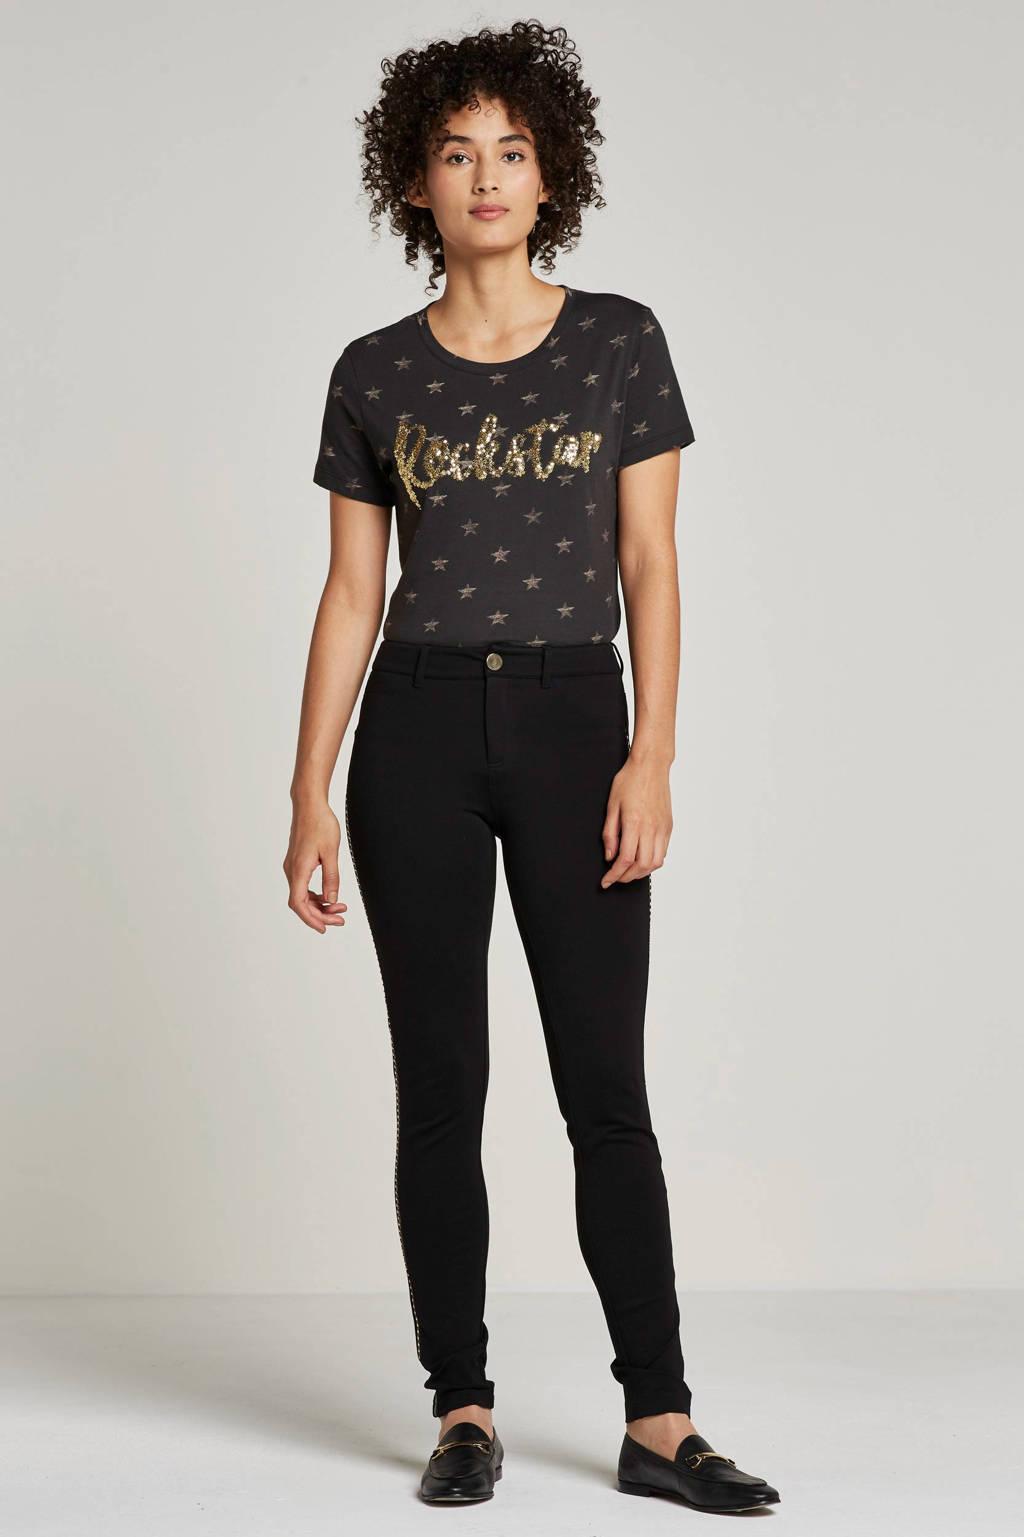 GUESS T-shirt met sterrenprint en pailletten, Donker grijs